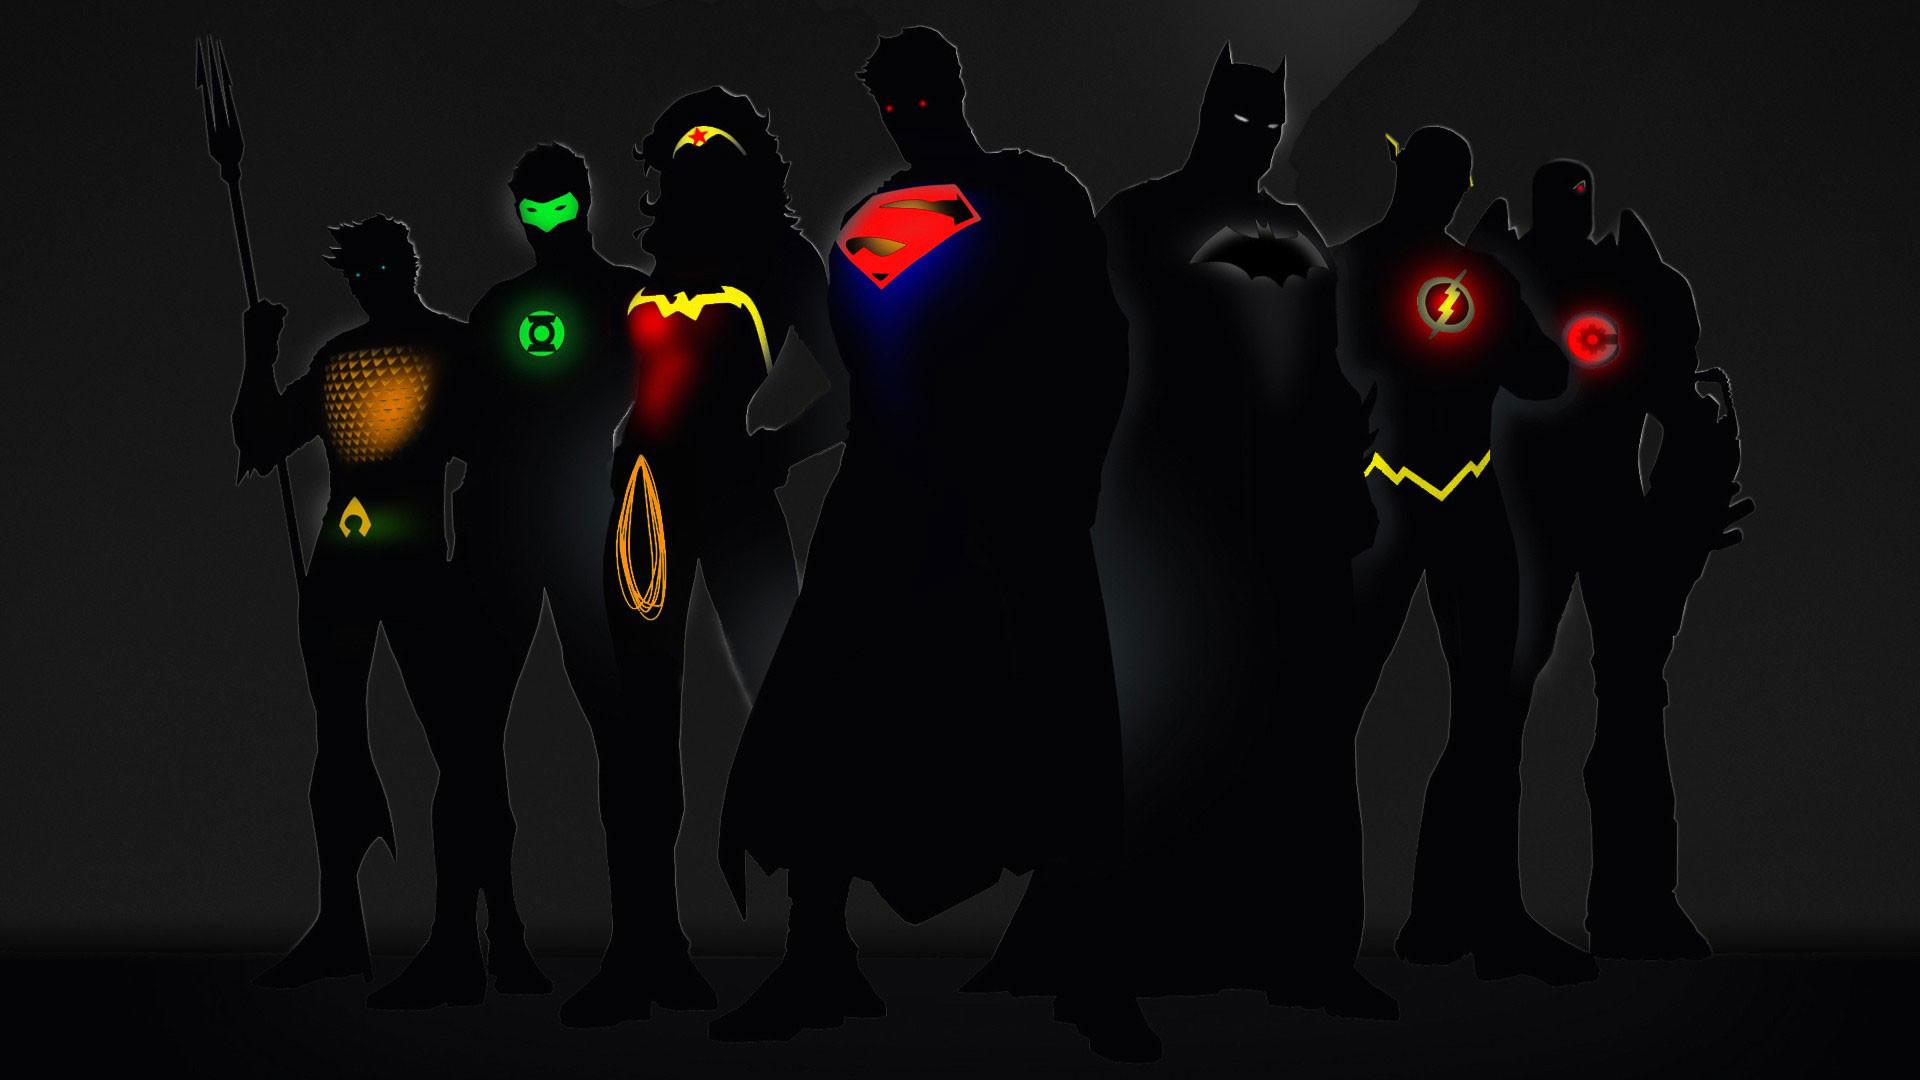 2560x1440 Superman Wallpaper 1080p Uv68m Logo Iphone New 52 Batman 2013 Hd Desktop